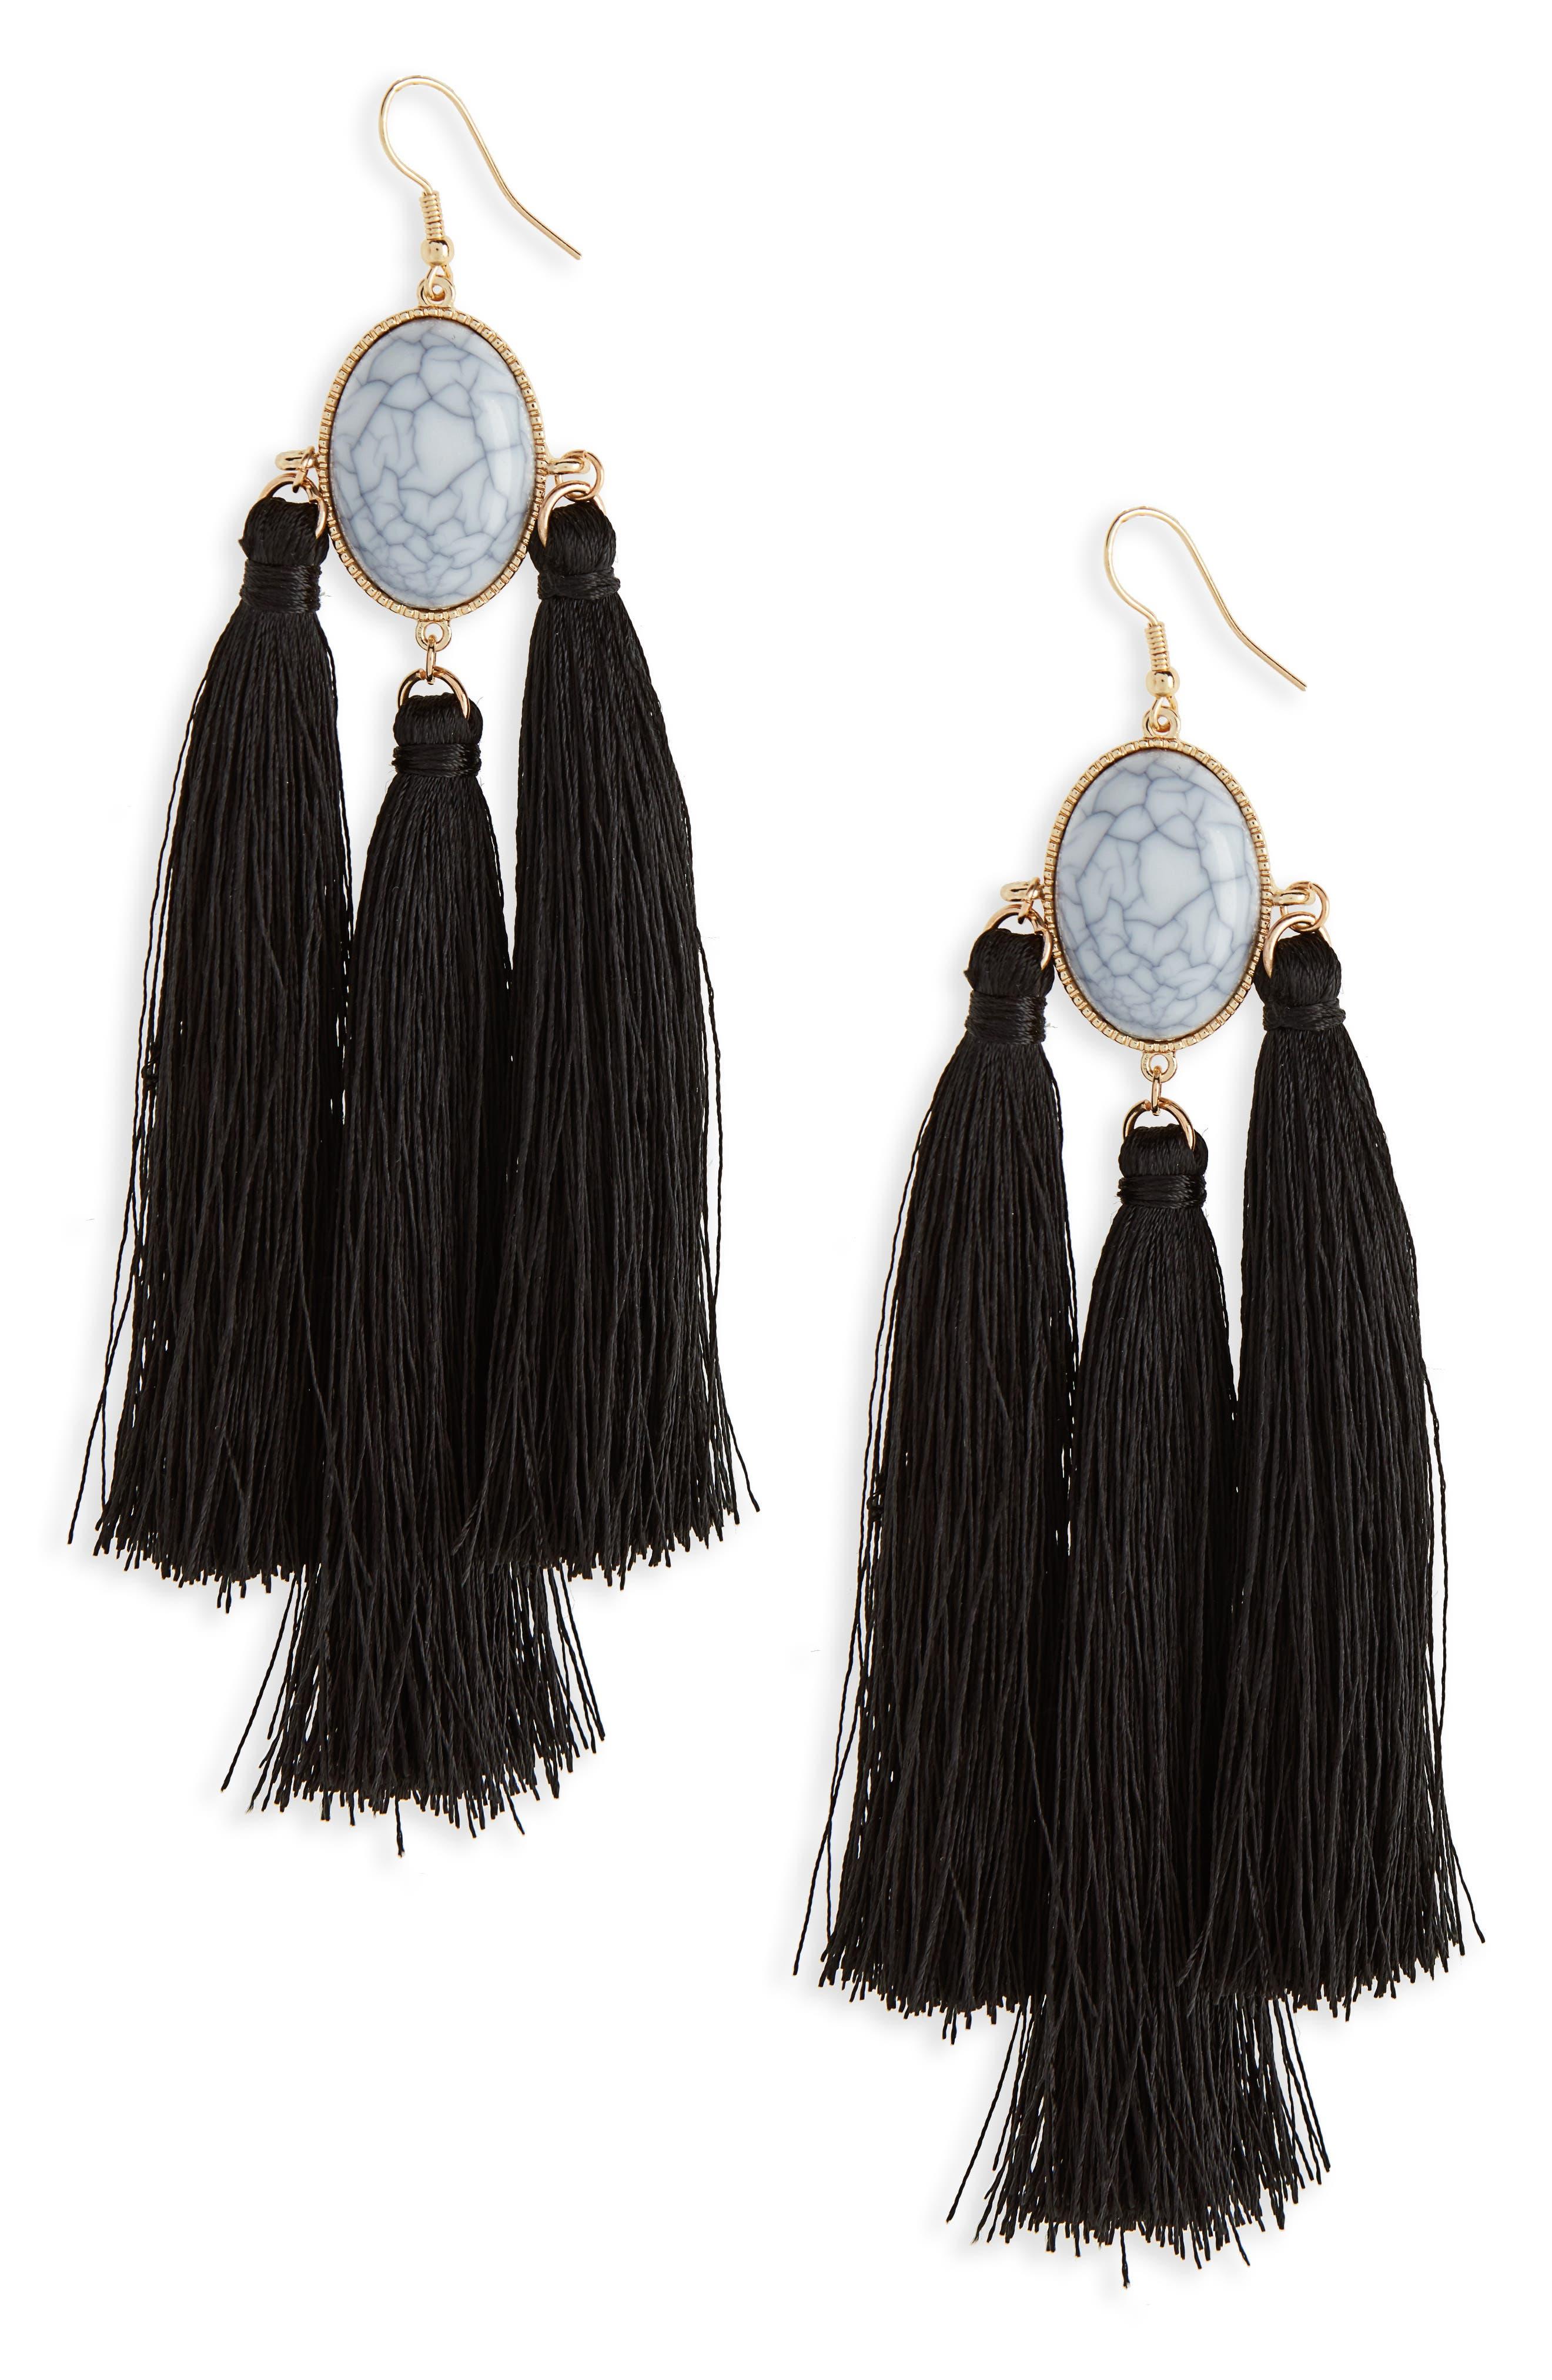 Marbled Bead & Tassel Earrings,                         Main,                         color, Marble/ Black